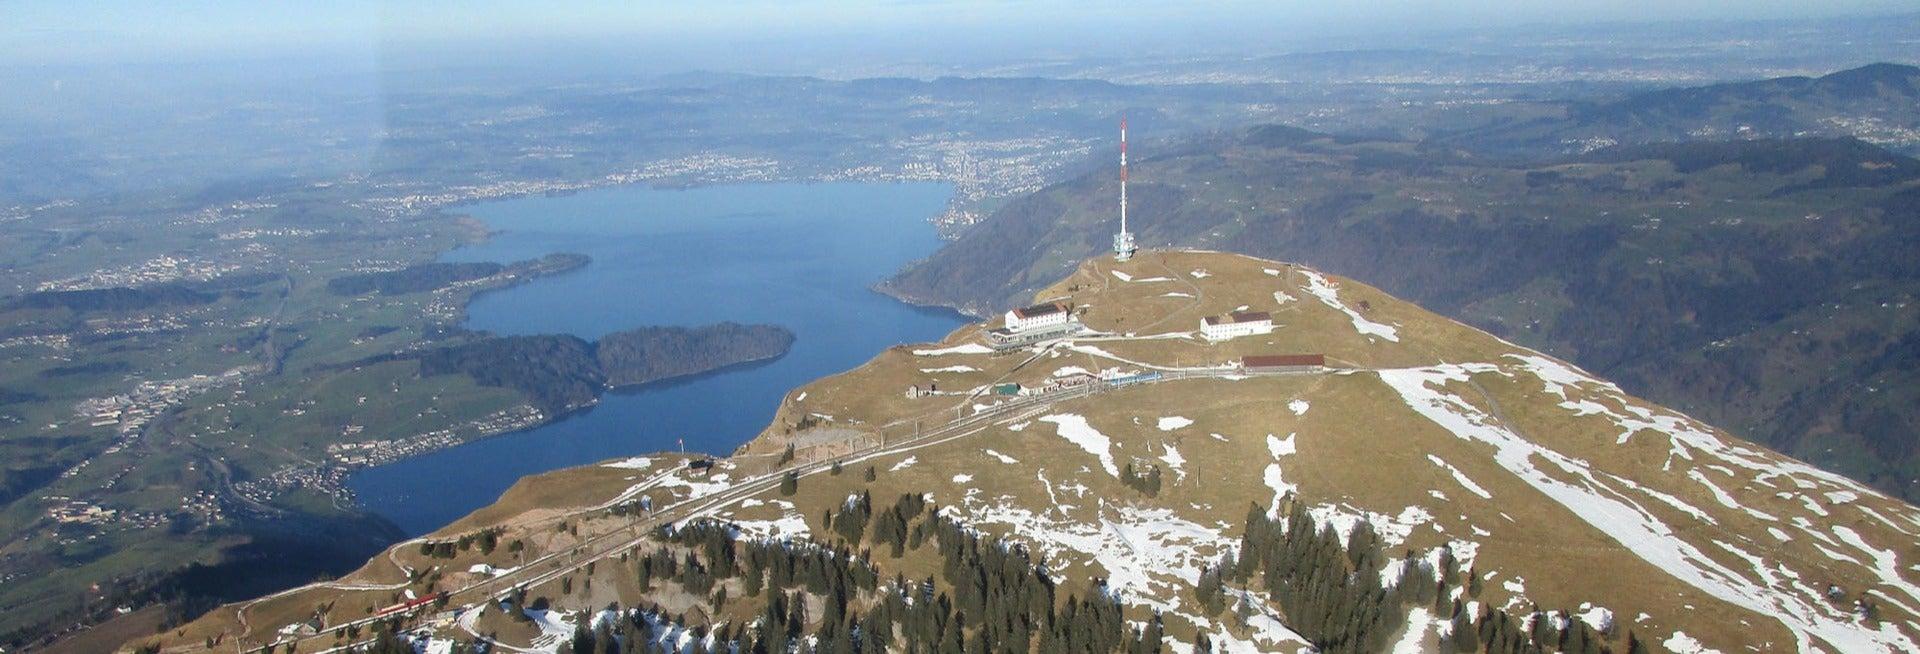 Vol en avion de tourisme depuis Zurich